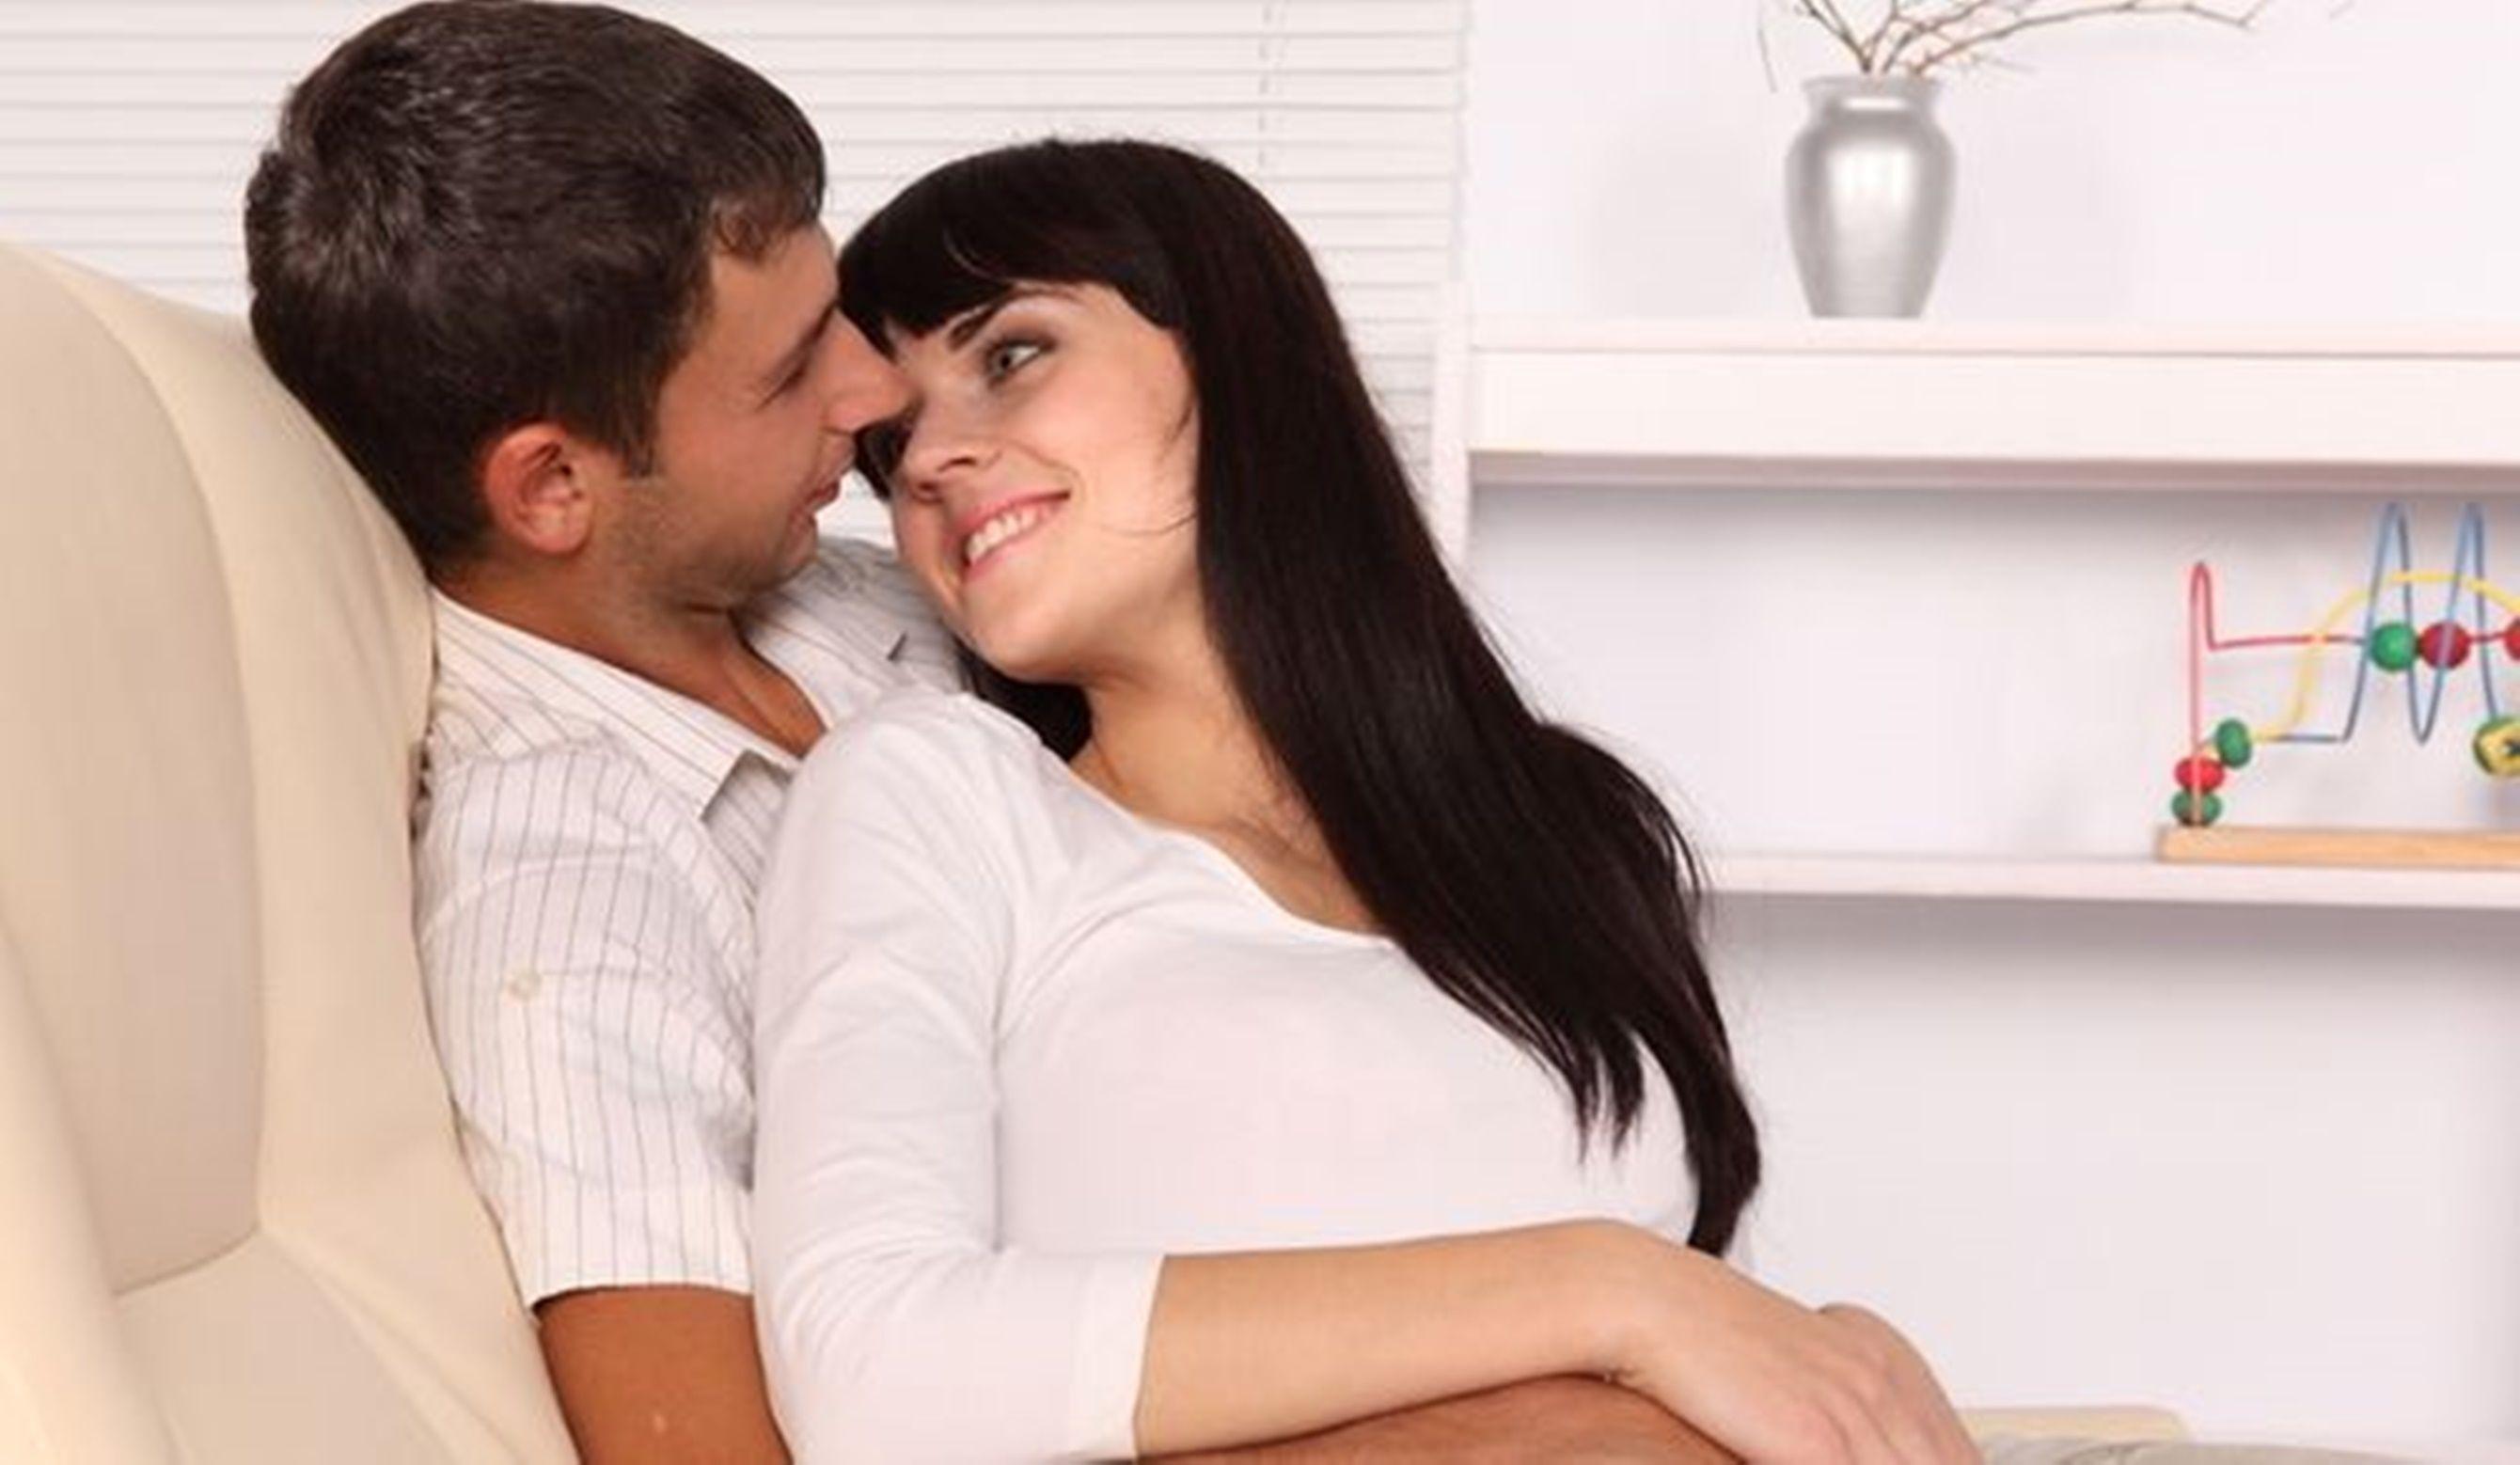 Сексуальн пози бероьзка